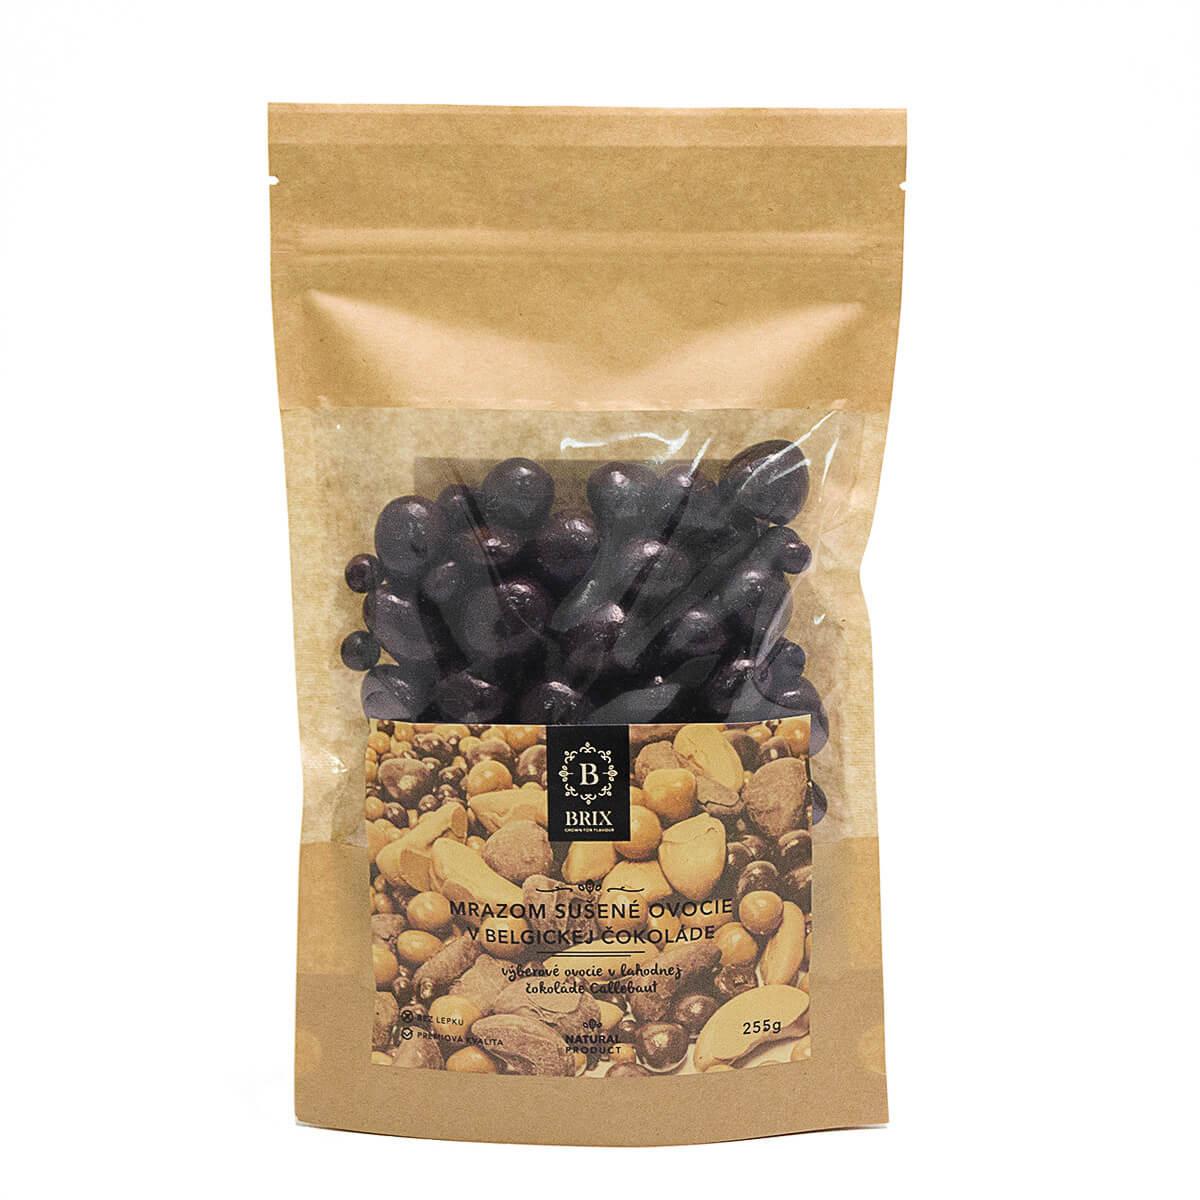 BRIX Mrazom sušený mix ovocia v horkej čokoláde (jahoda, malina, marhuľa) 255 g